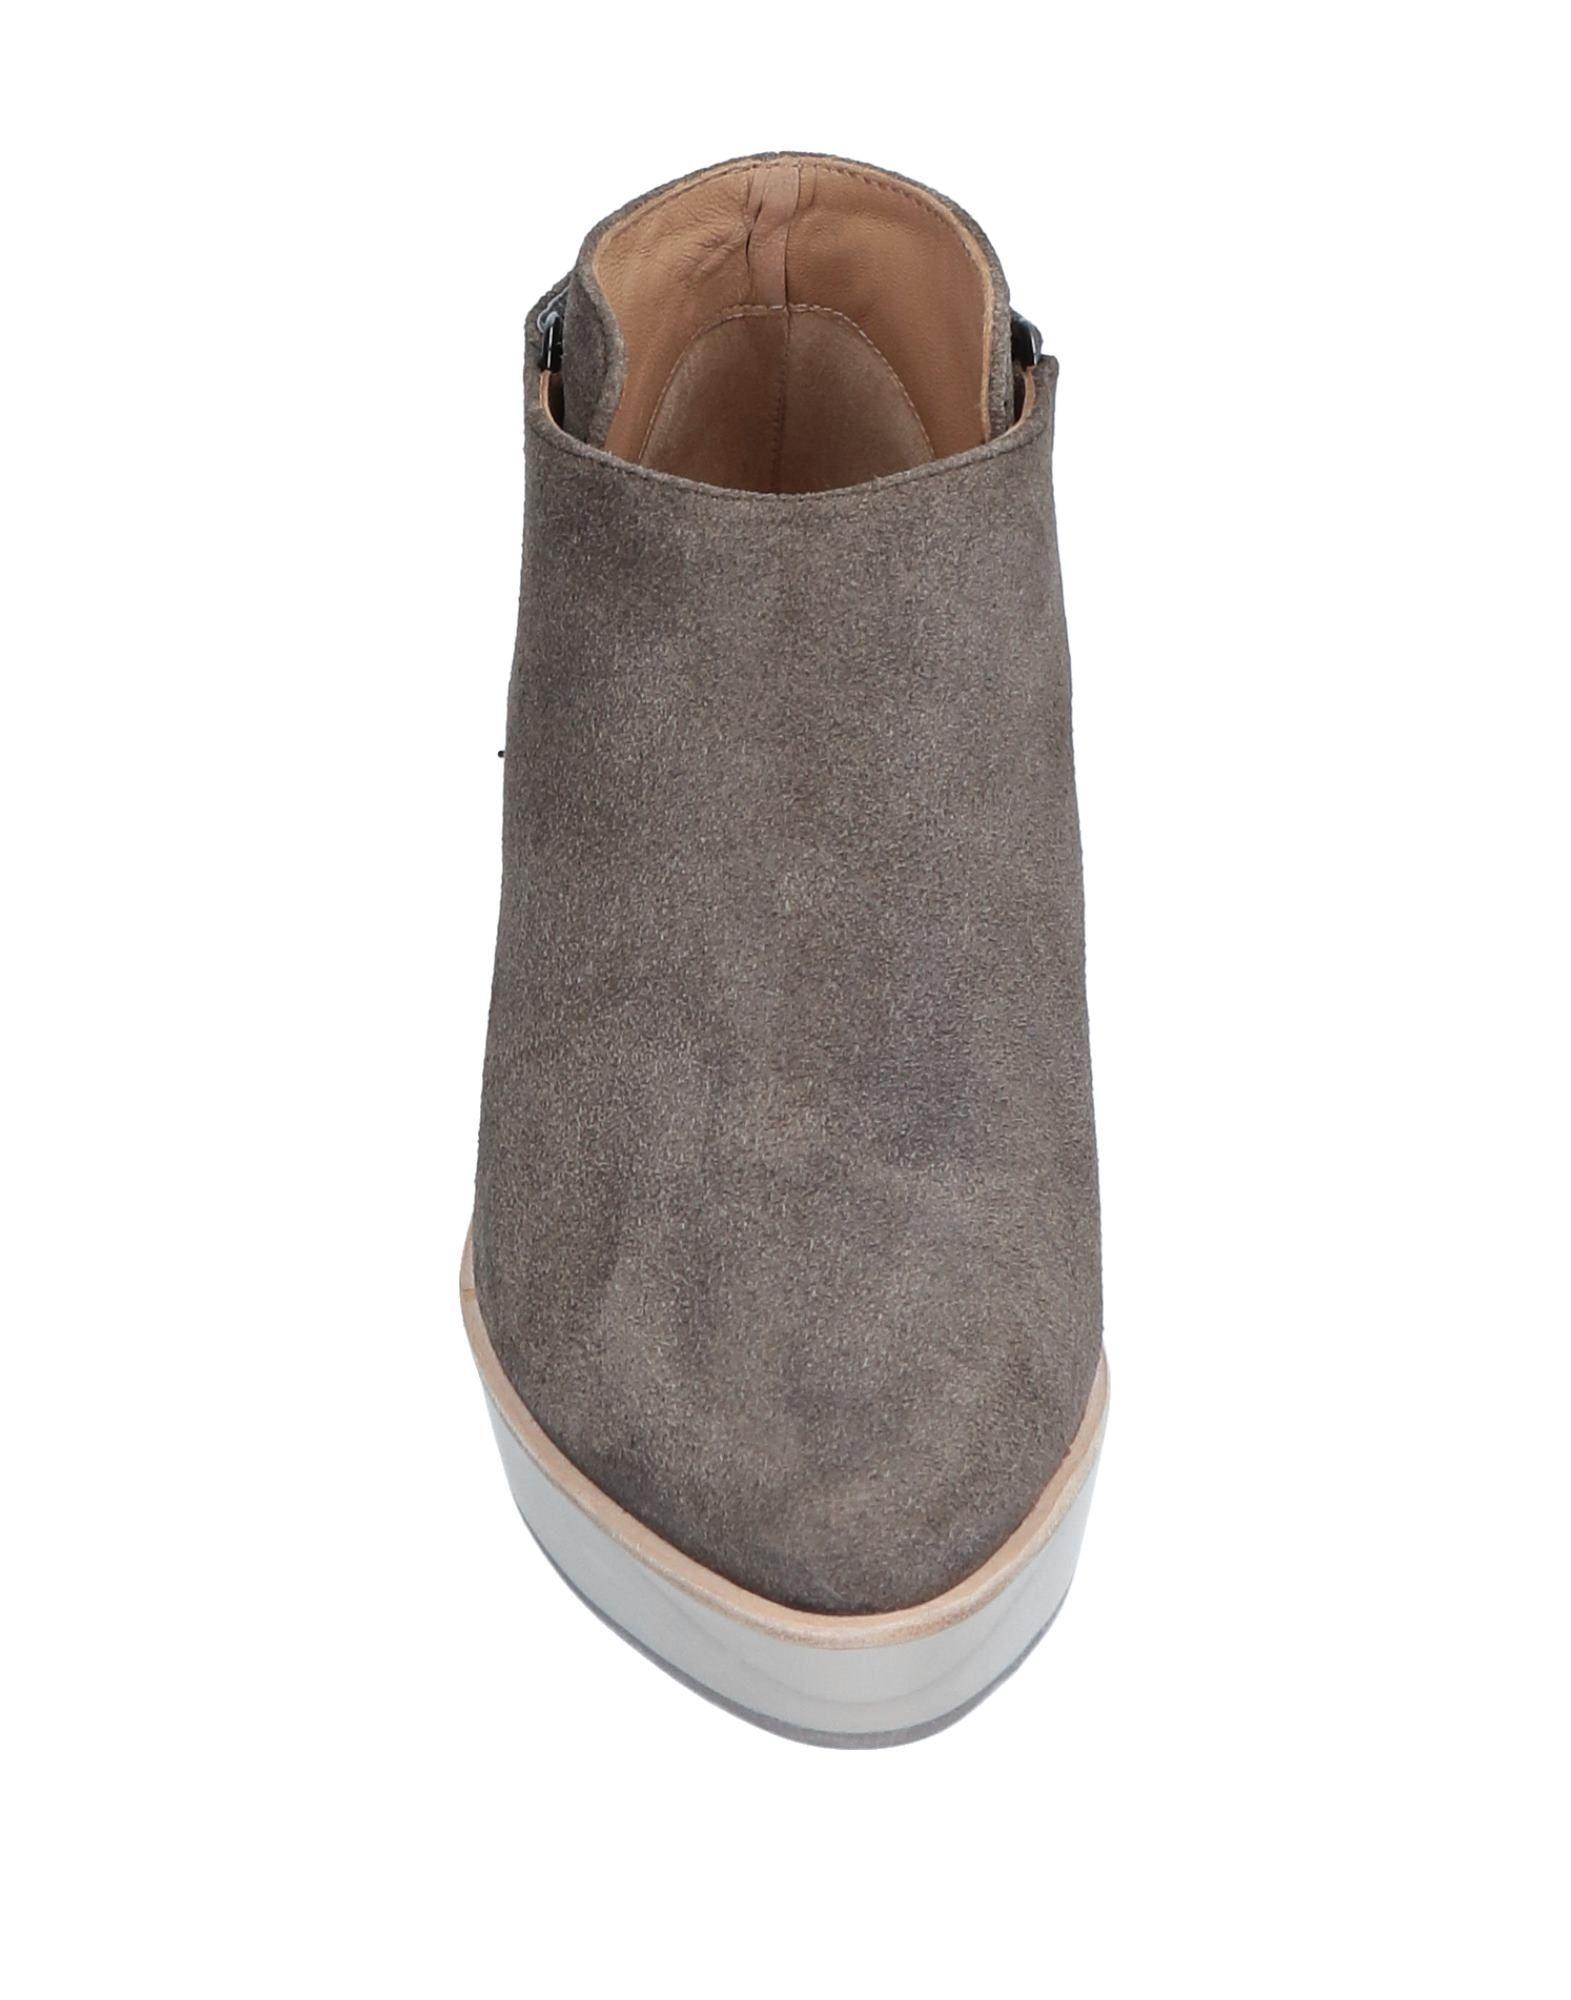 Gut um Stiefelette billige Schuhe zu tragenAnaid Kupuri Stiefelette um Damen  11552526UN a0ce9a